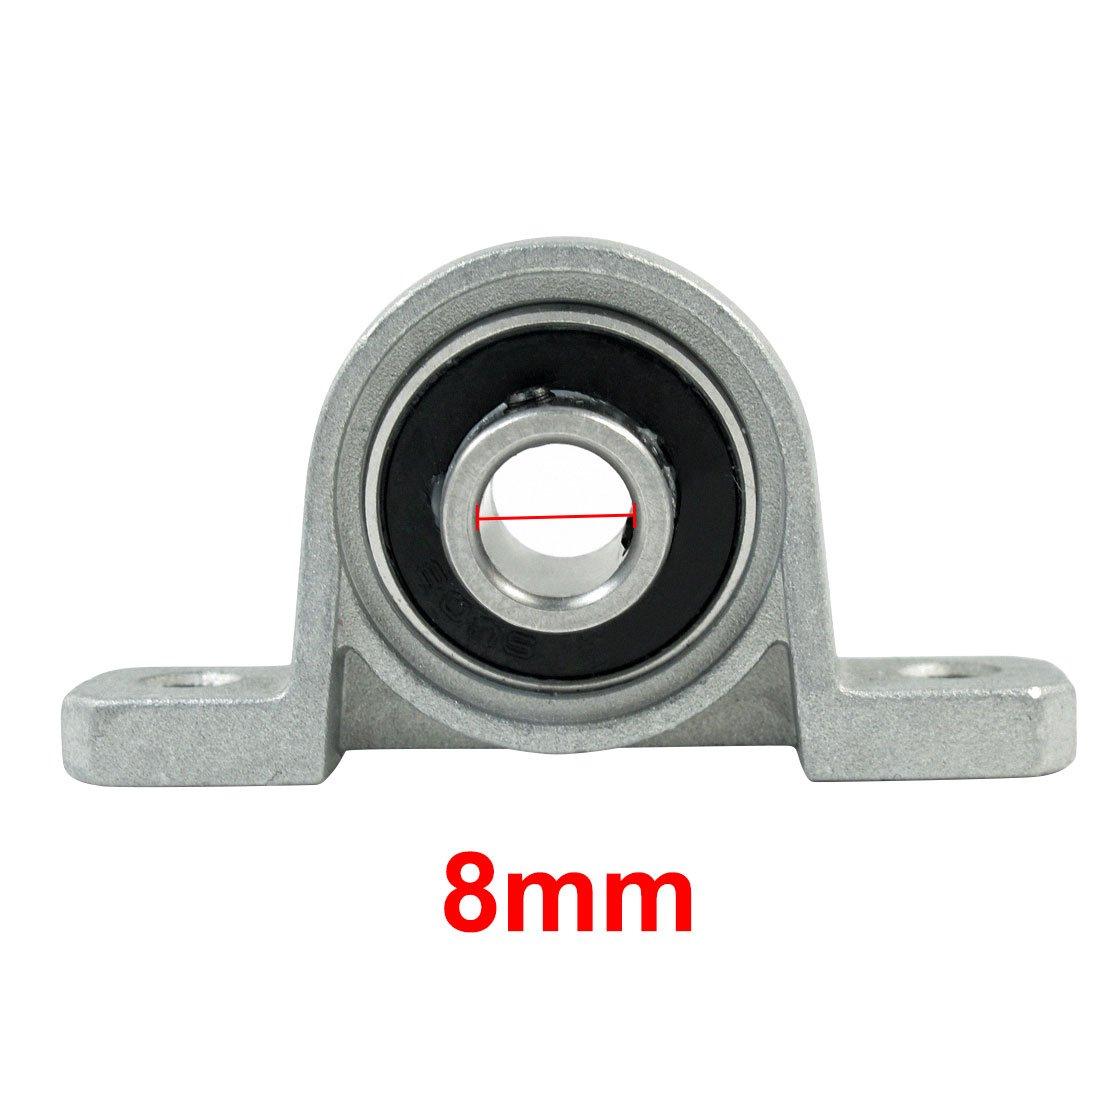 uxcell Silver Tone KP08 Pillow Block Cast Housing 8 x 7mm Insert Ball Bearing